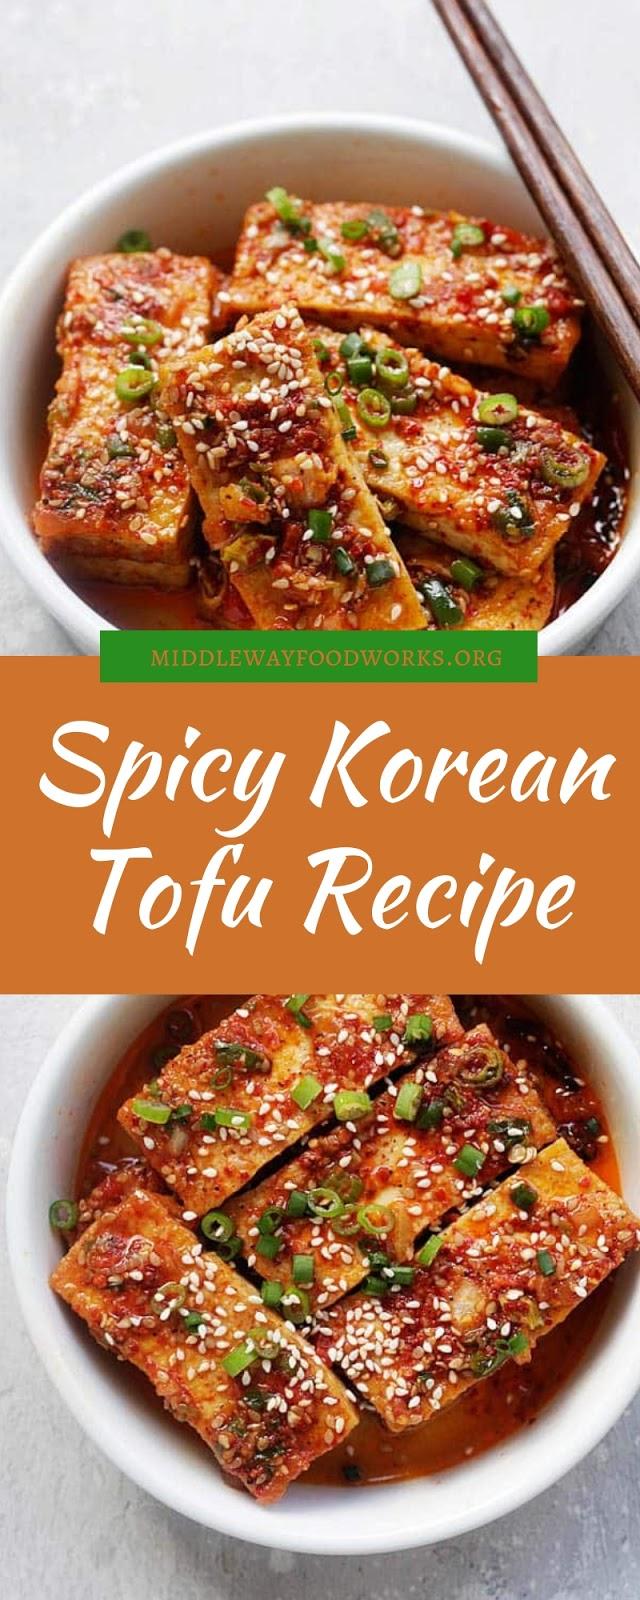 Spicy Korean Tofu Recipe